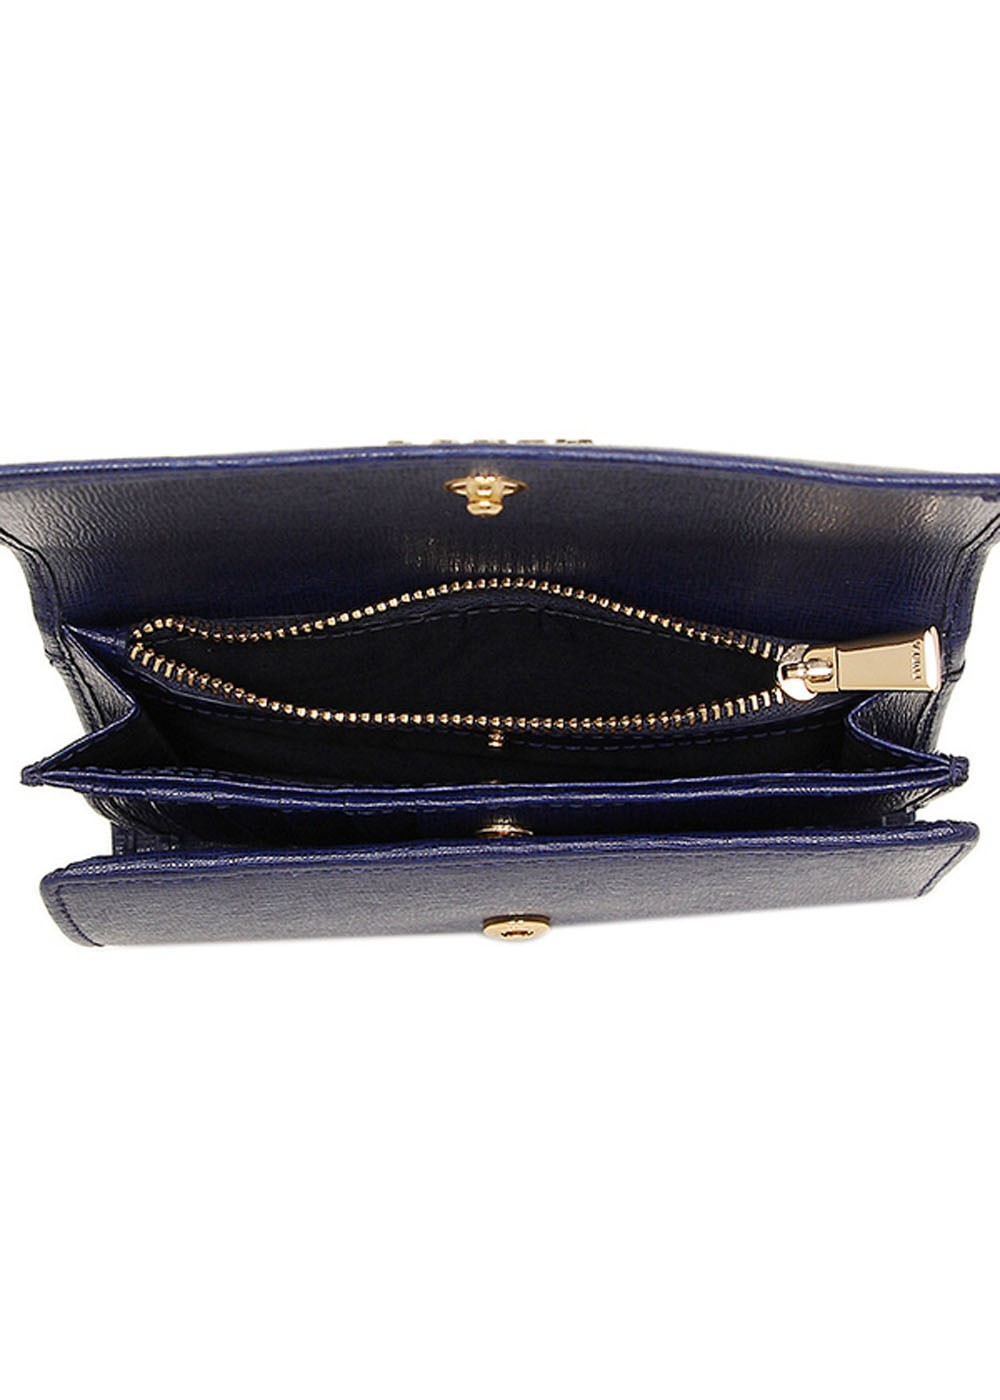 c0b649435e37 ... 最大57%OFF】トライフォールド ウォレット ジップ型二つ折り財布|NAVY ...